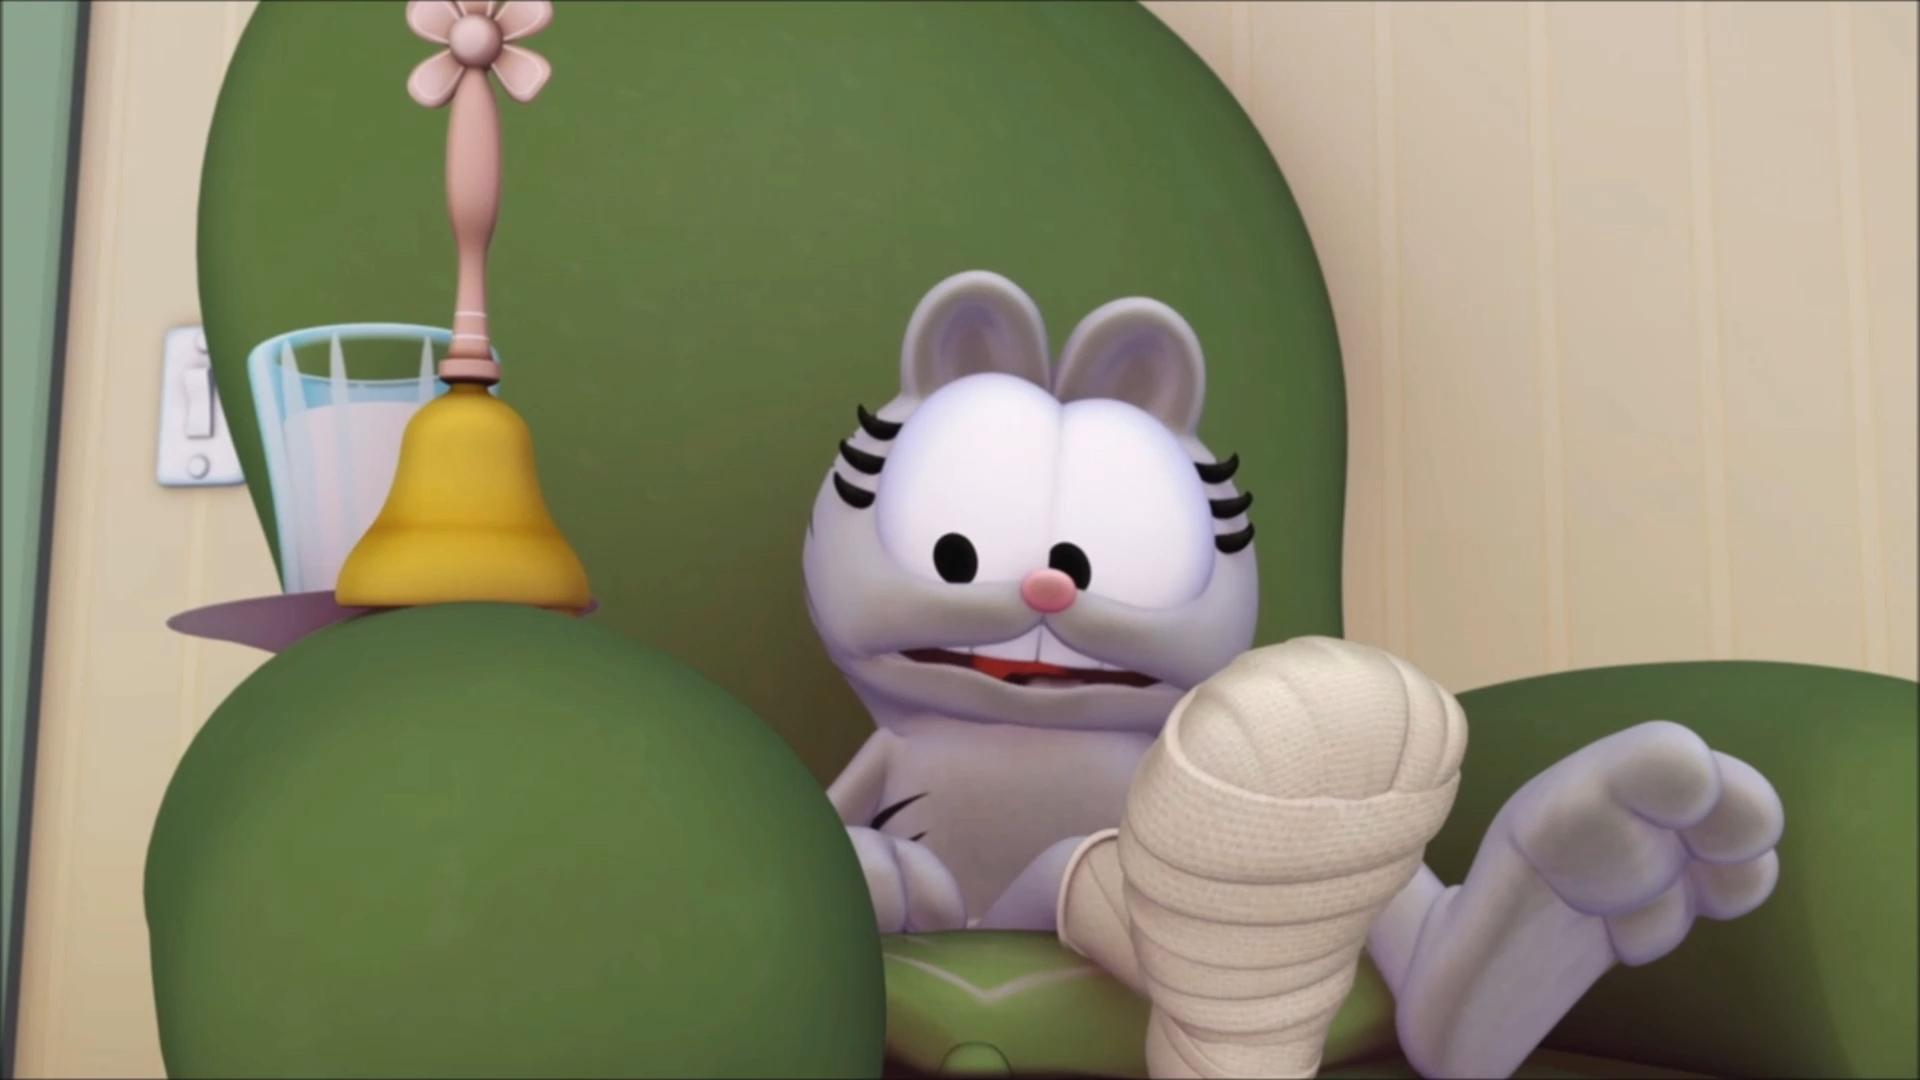 Garfield Show S1e6 Nermal 1 By Giuseppedirosso On Deviantart